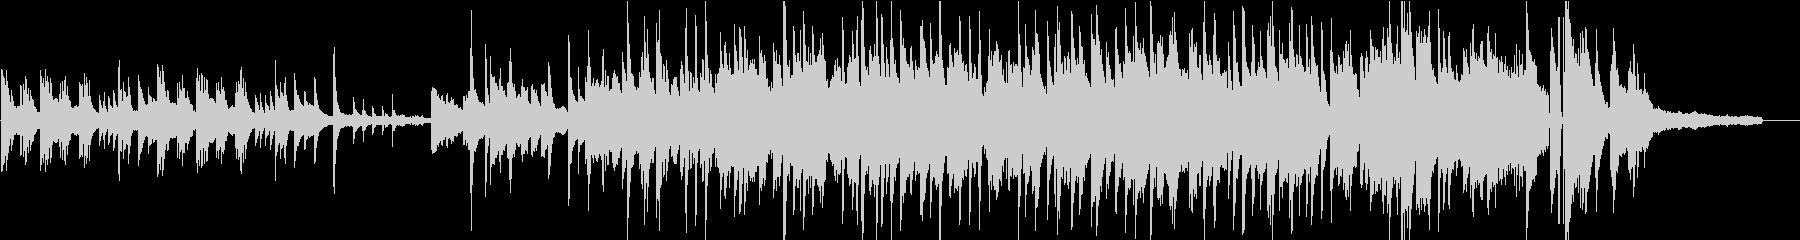 高音が澄み切ったピアノソロ楽曲の未再生の波形